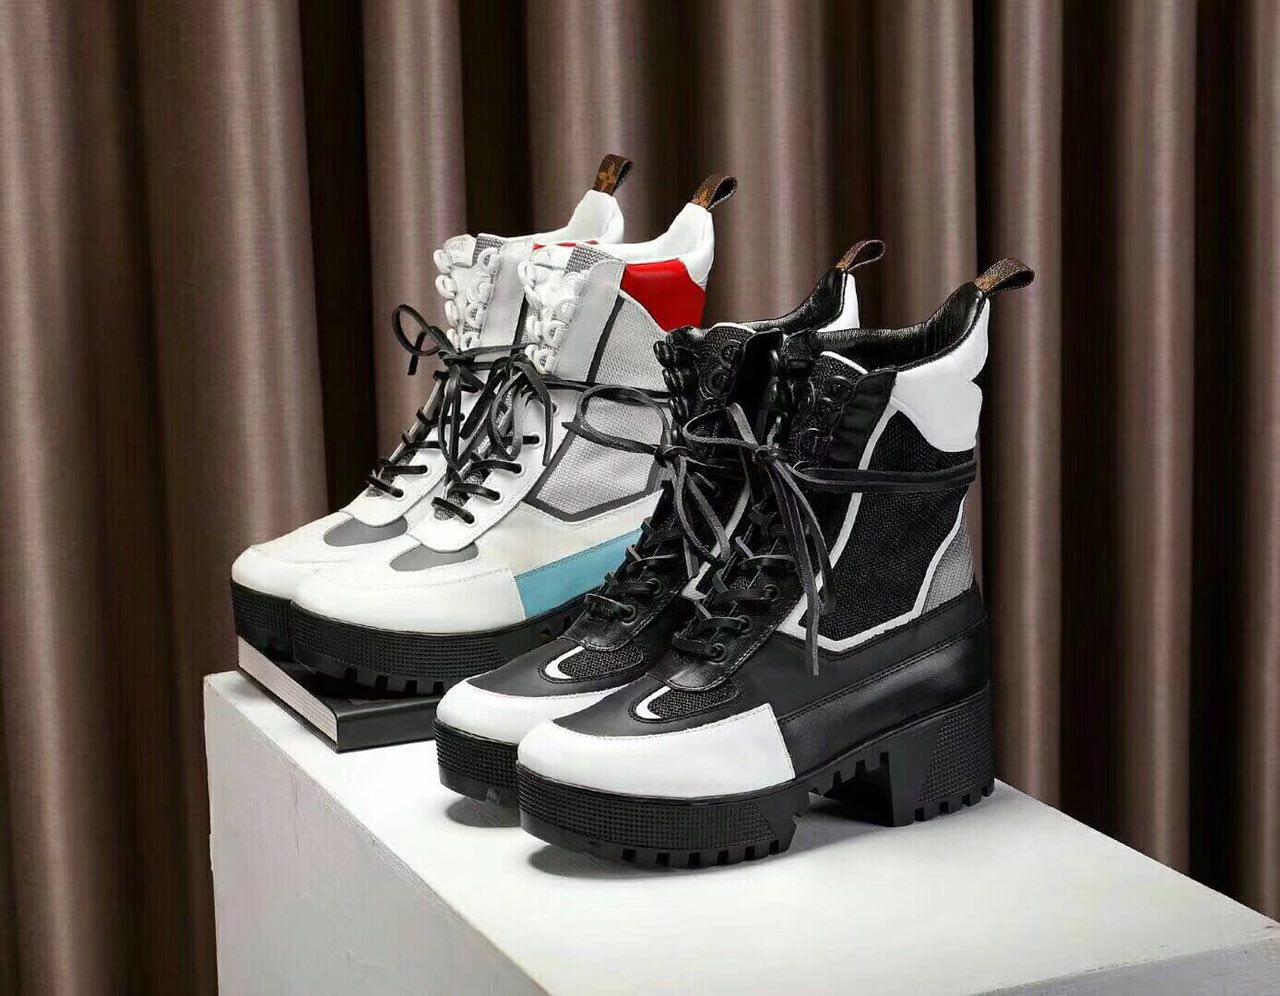 Женские высокие кожаные осенние ботинки Louis Vuitton CheckPoint. 2 расцветки